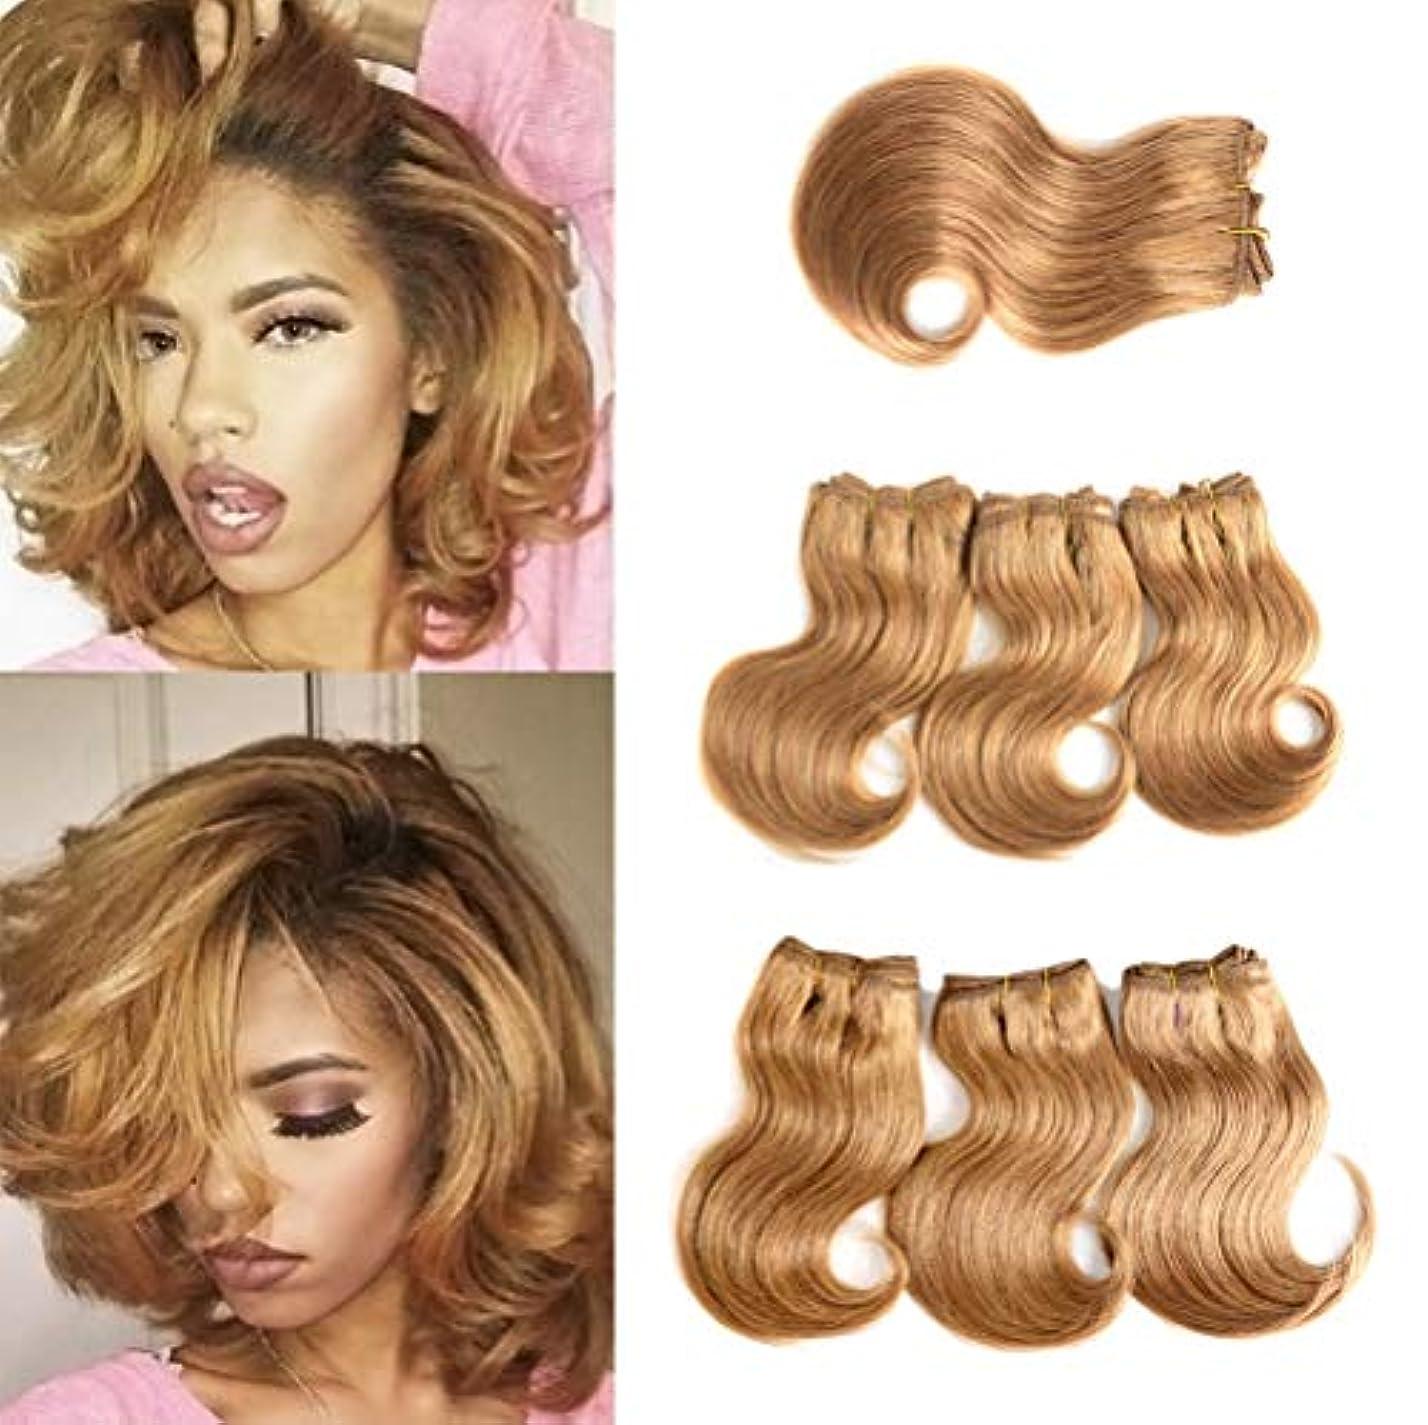 惨めなグレー記録閉鎖とペルーの髪の束を編む女性の髪の毛の束人間の髪の毛の拡張子で縫うRemi人間の髪の毛8インチゴールド